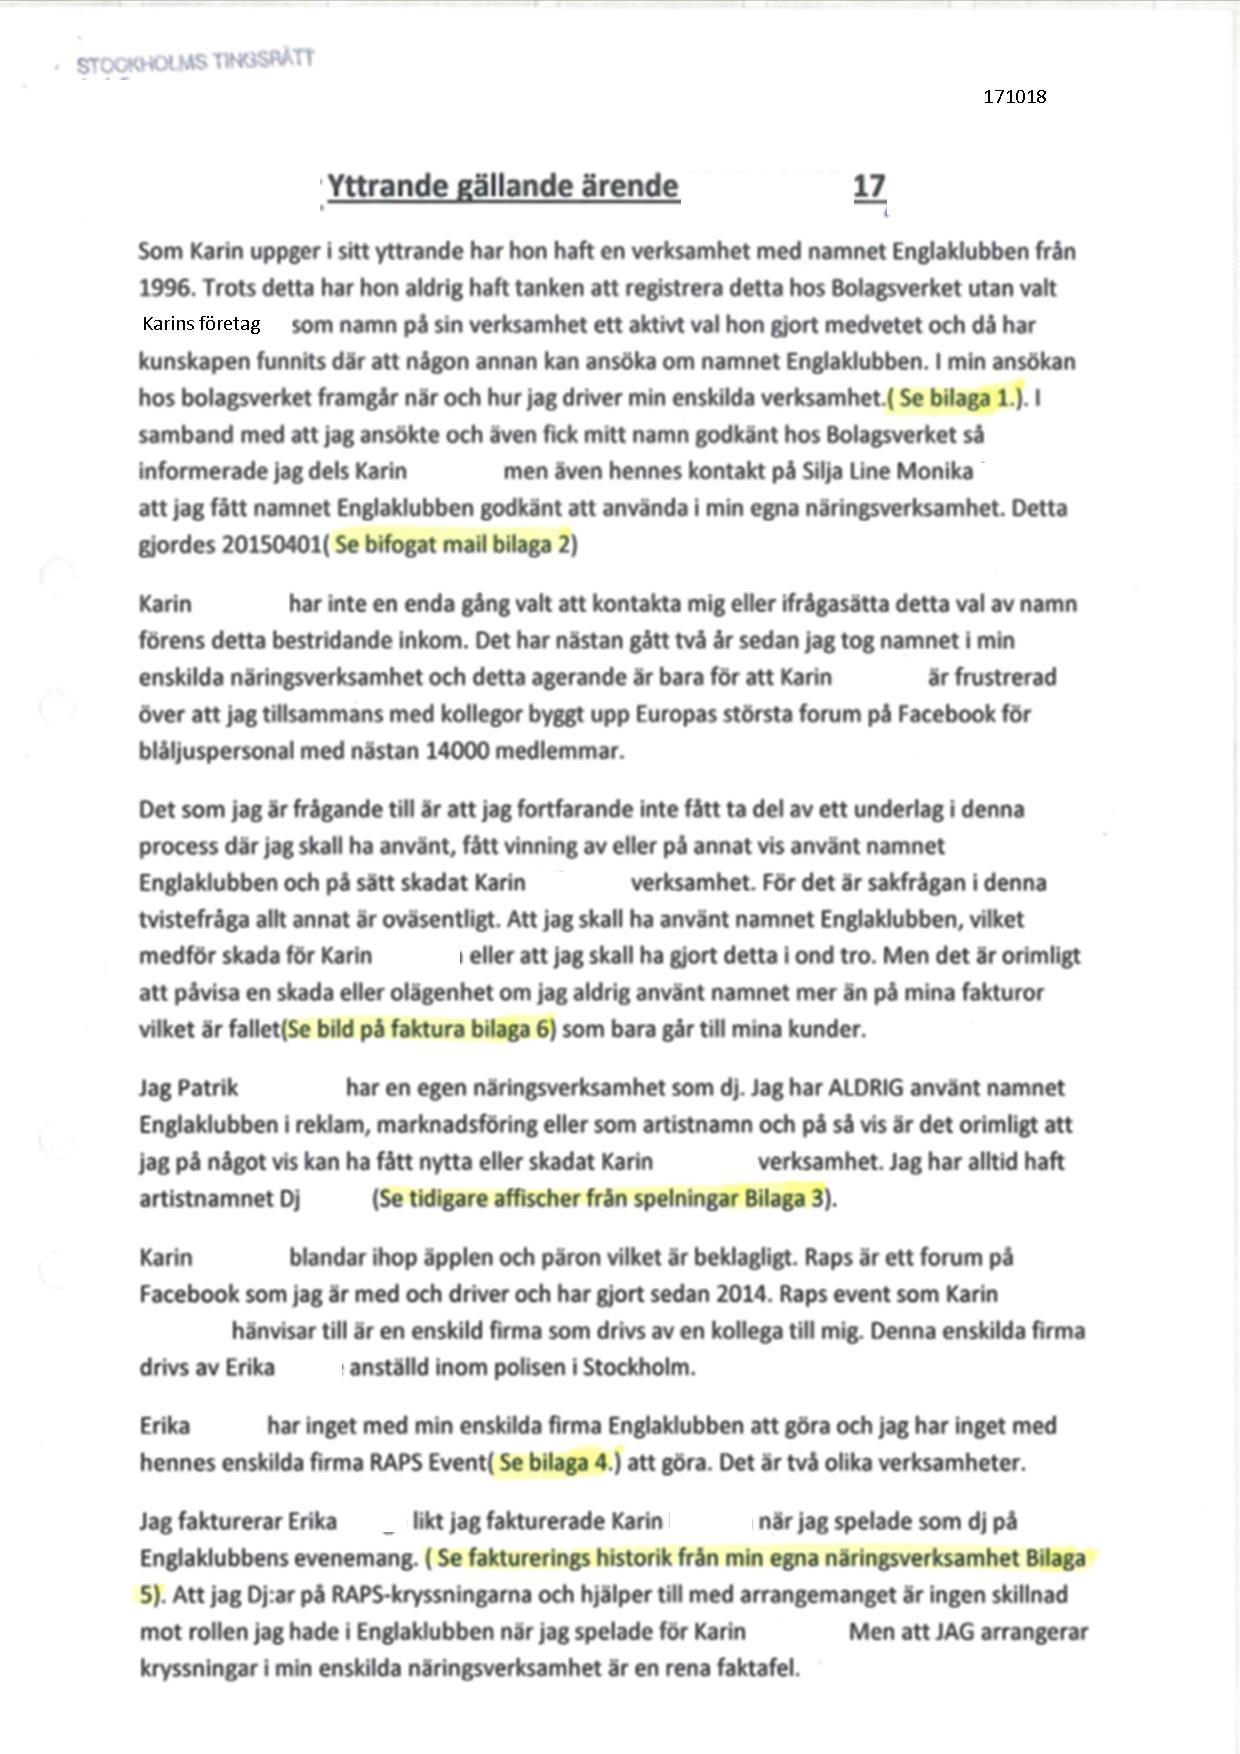 8. Patriks tredje bestridande om administrativ hävning av företagsnamnet Englaklubben